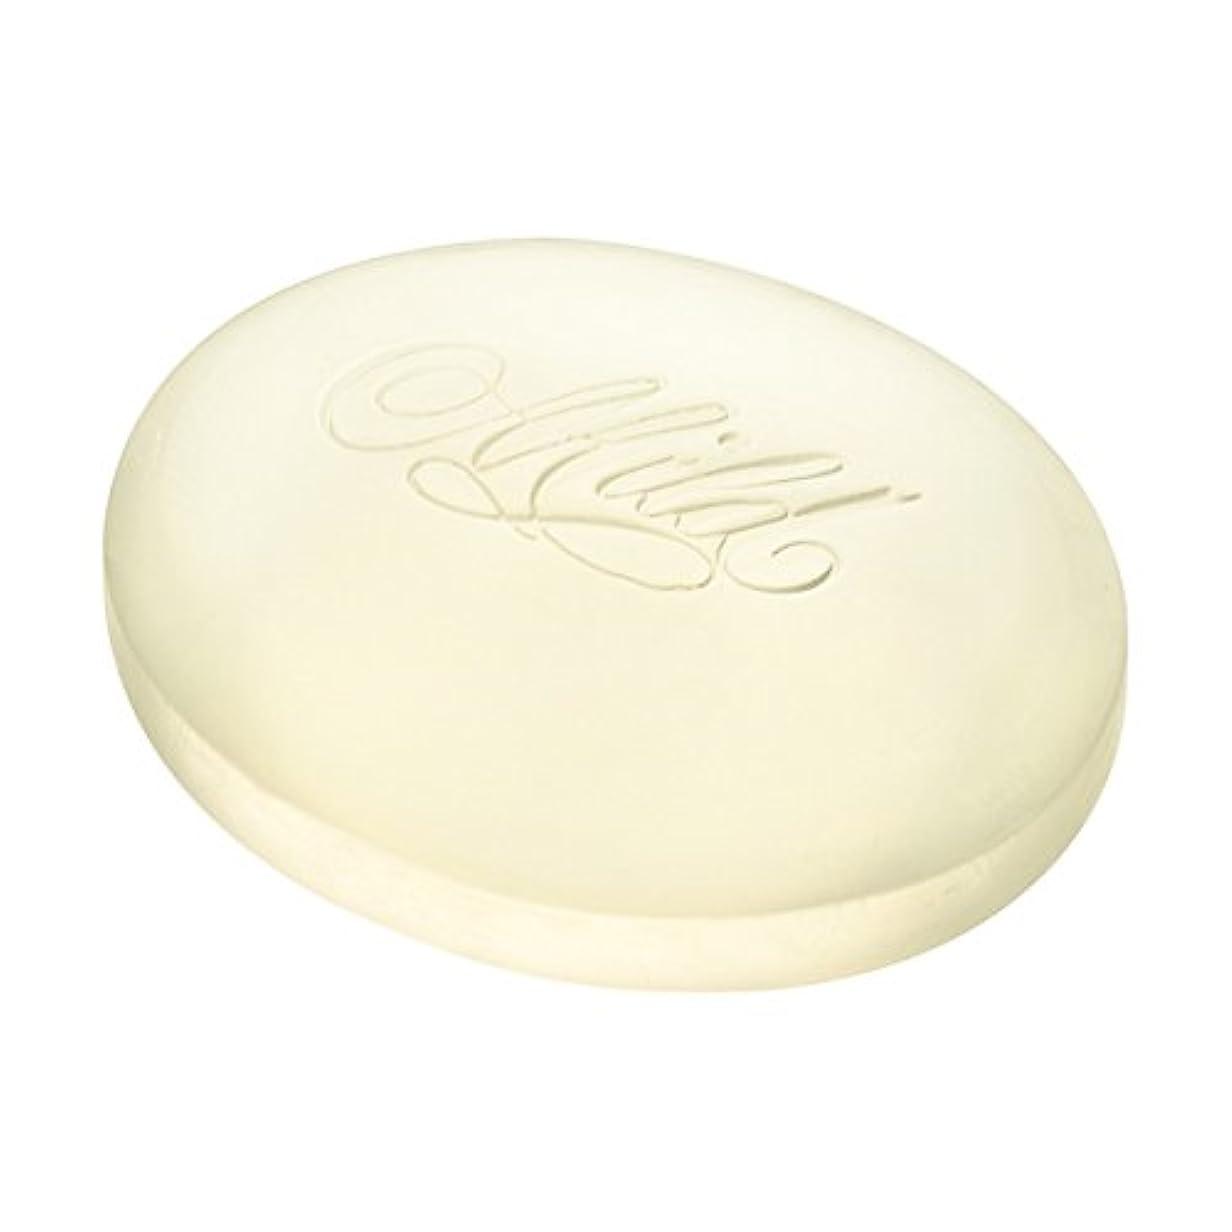 本質的に少ない上回る資生堂 マイルドケーキ 標準重量100g